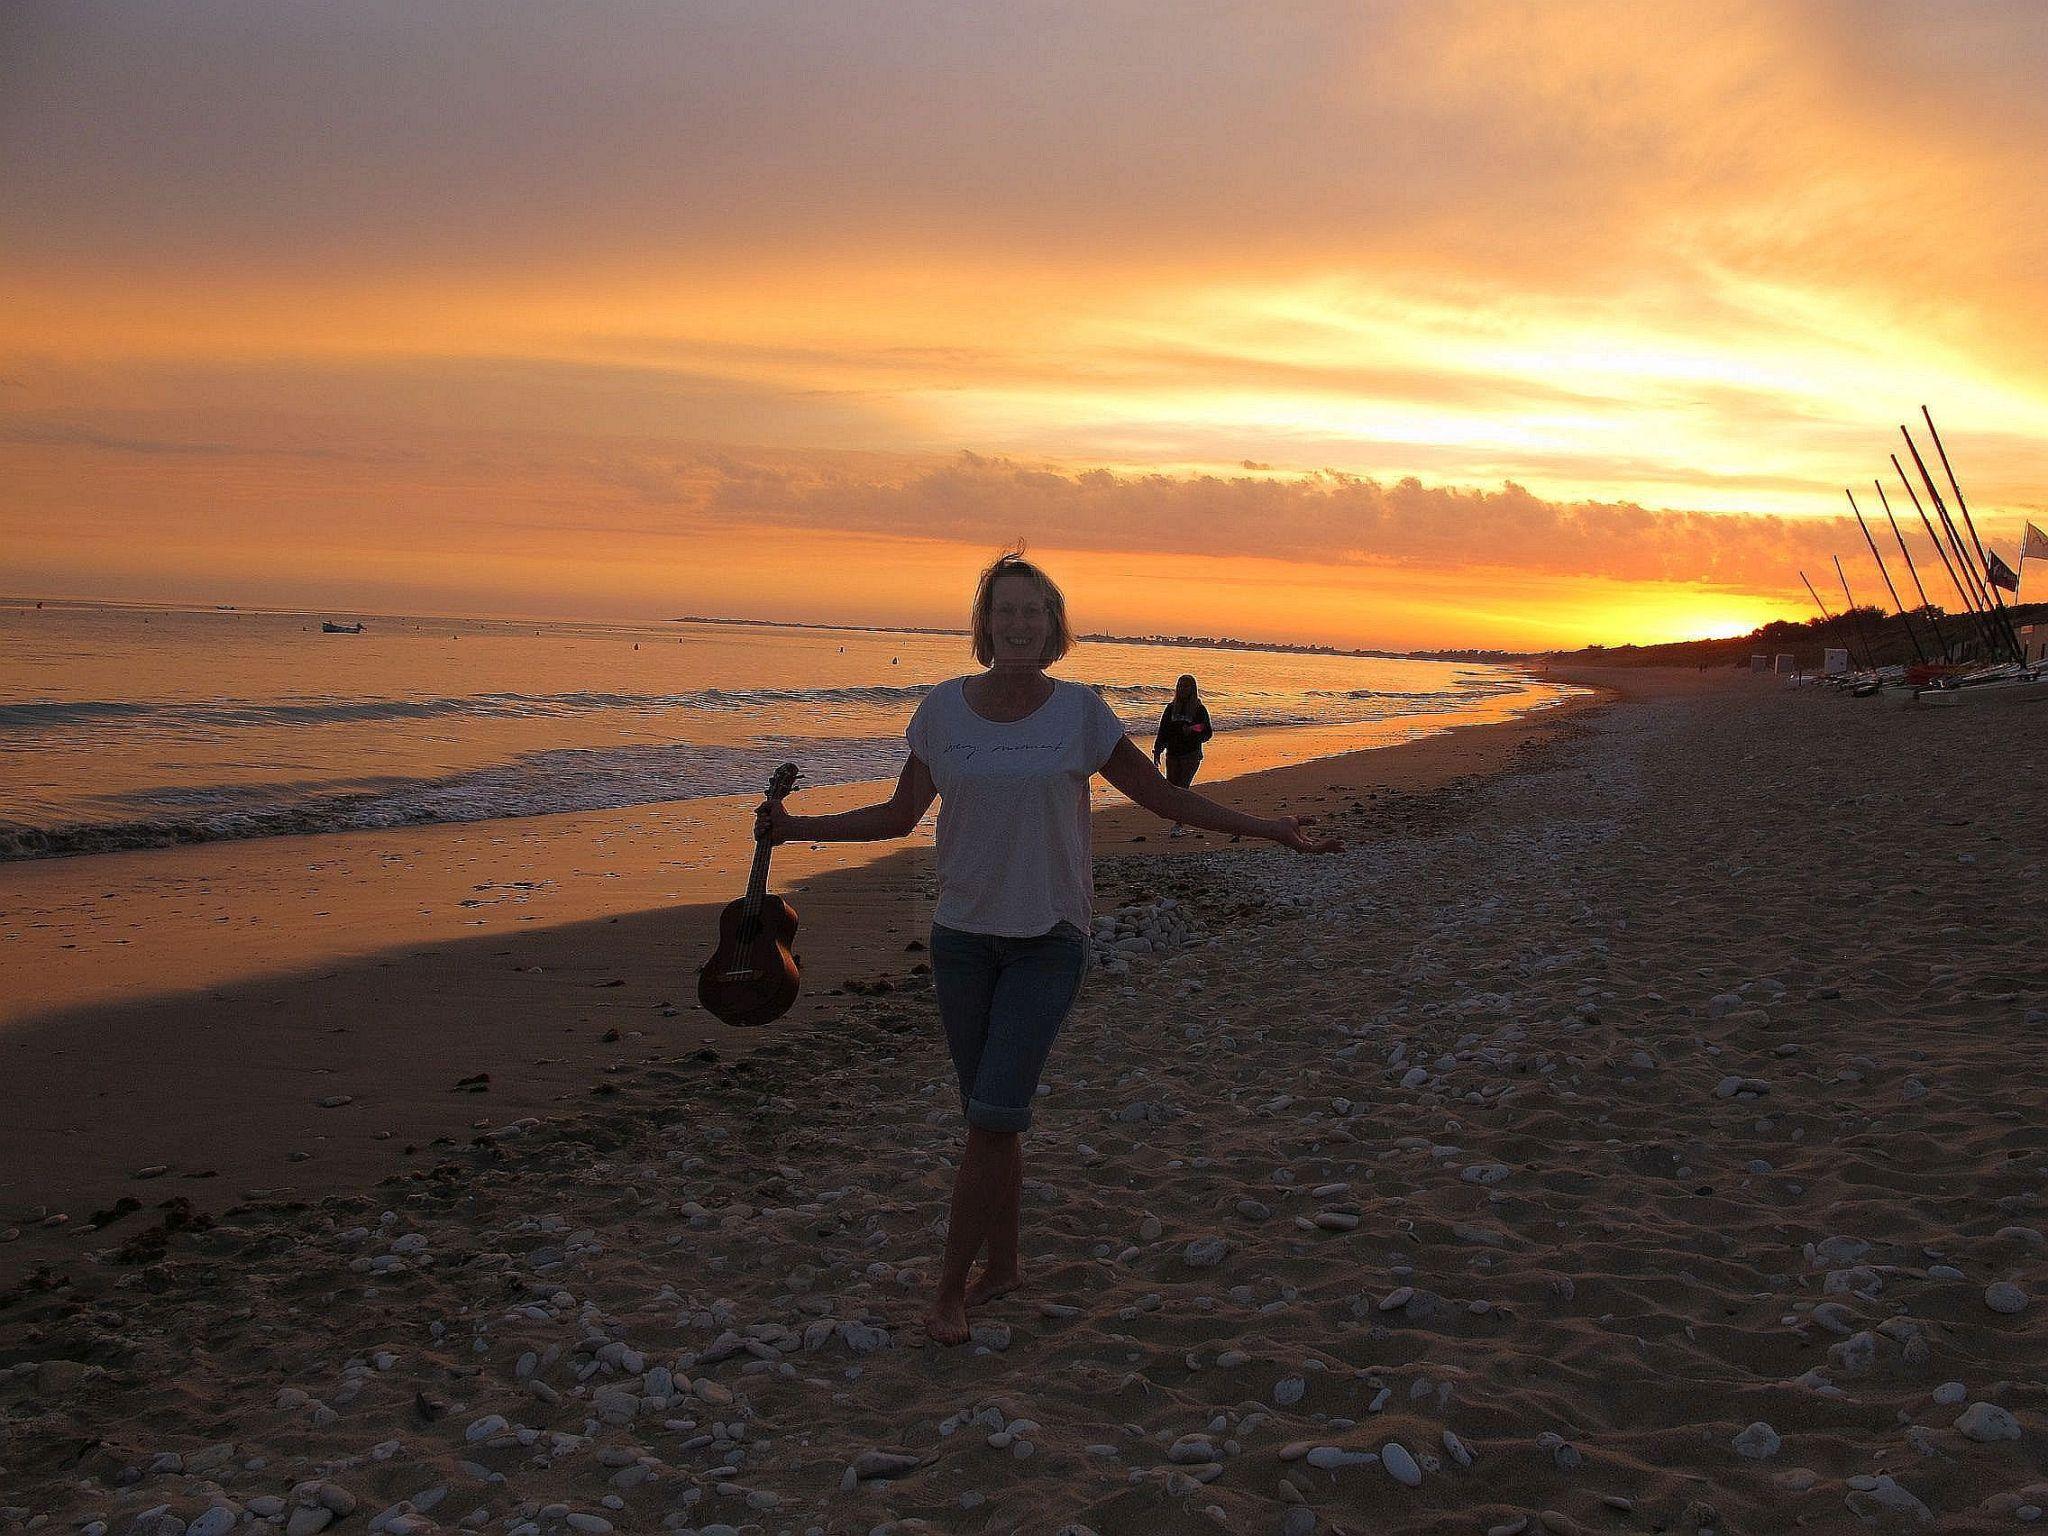 #travelhector #reisebritta #iledere #ukulele #vanlife